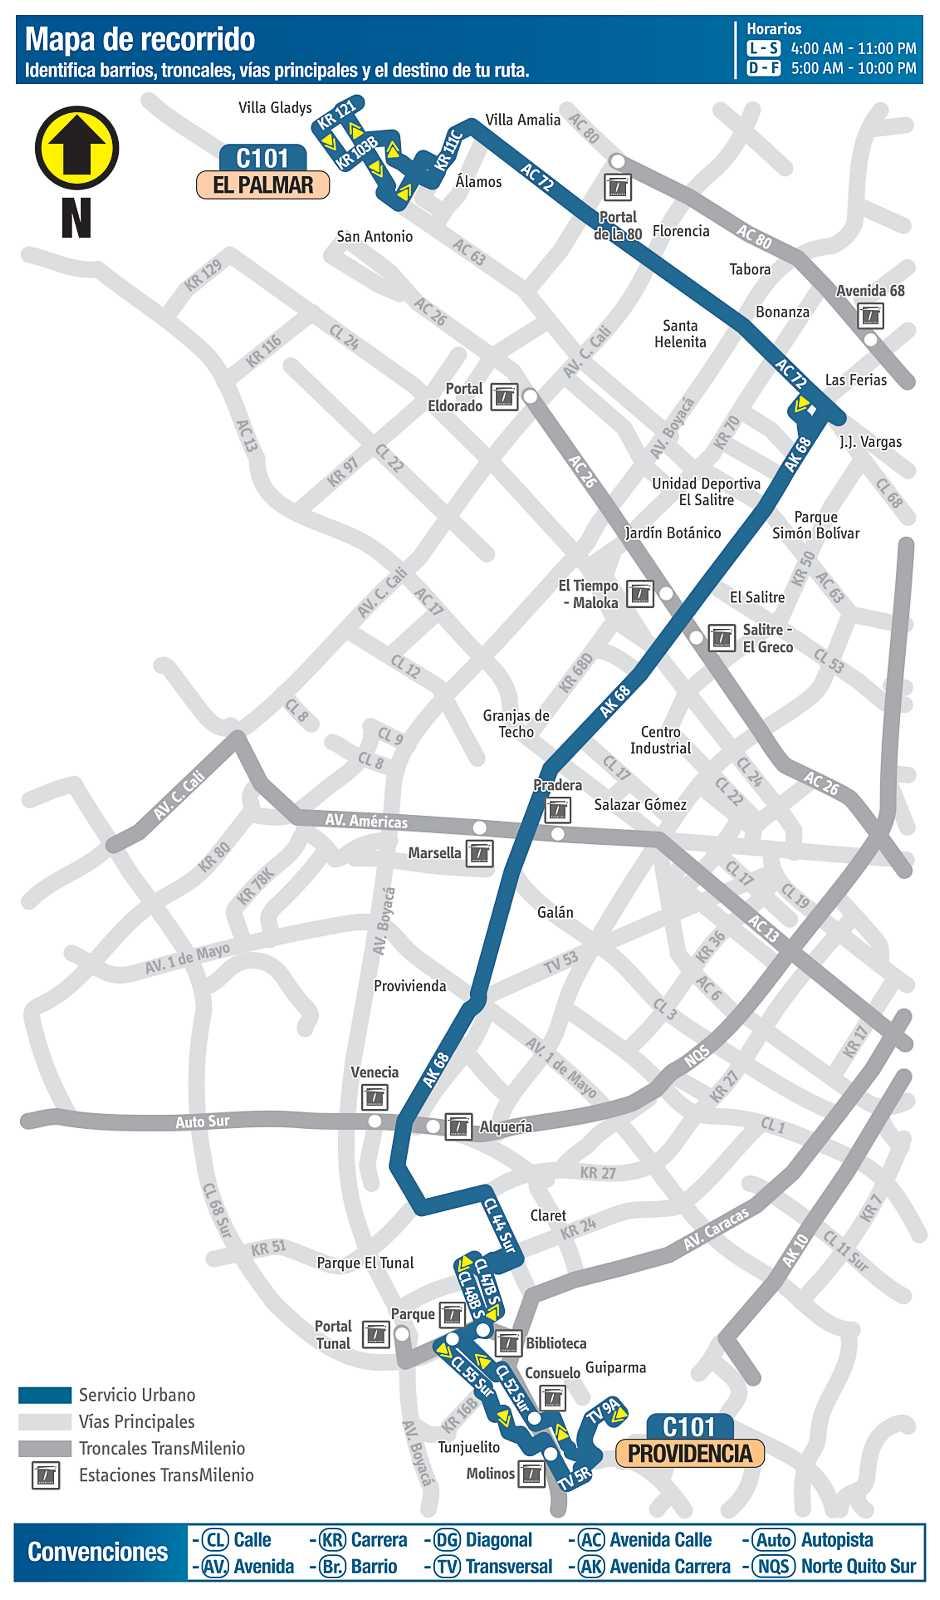 C101Providencia - El Palmar (mapa desde septiembre 2018)